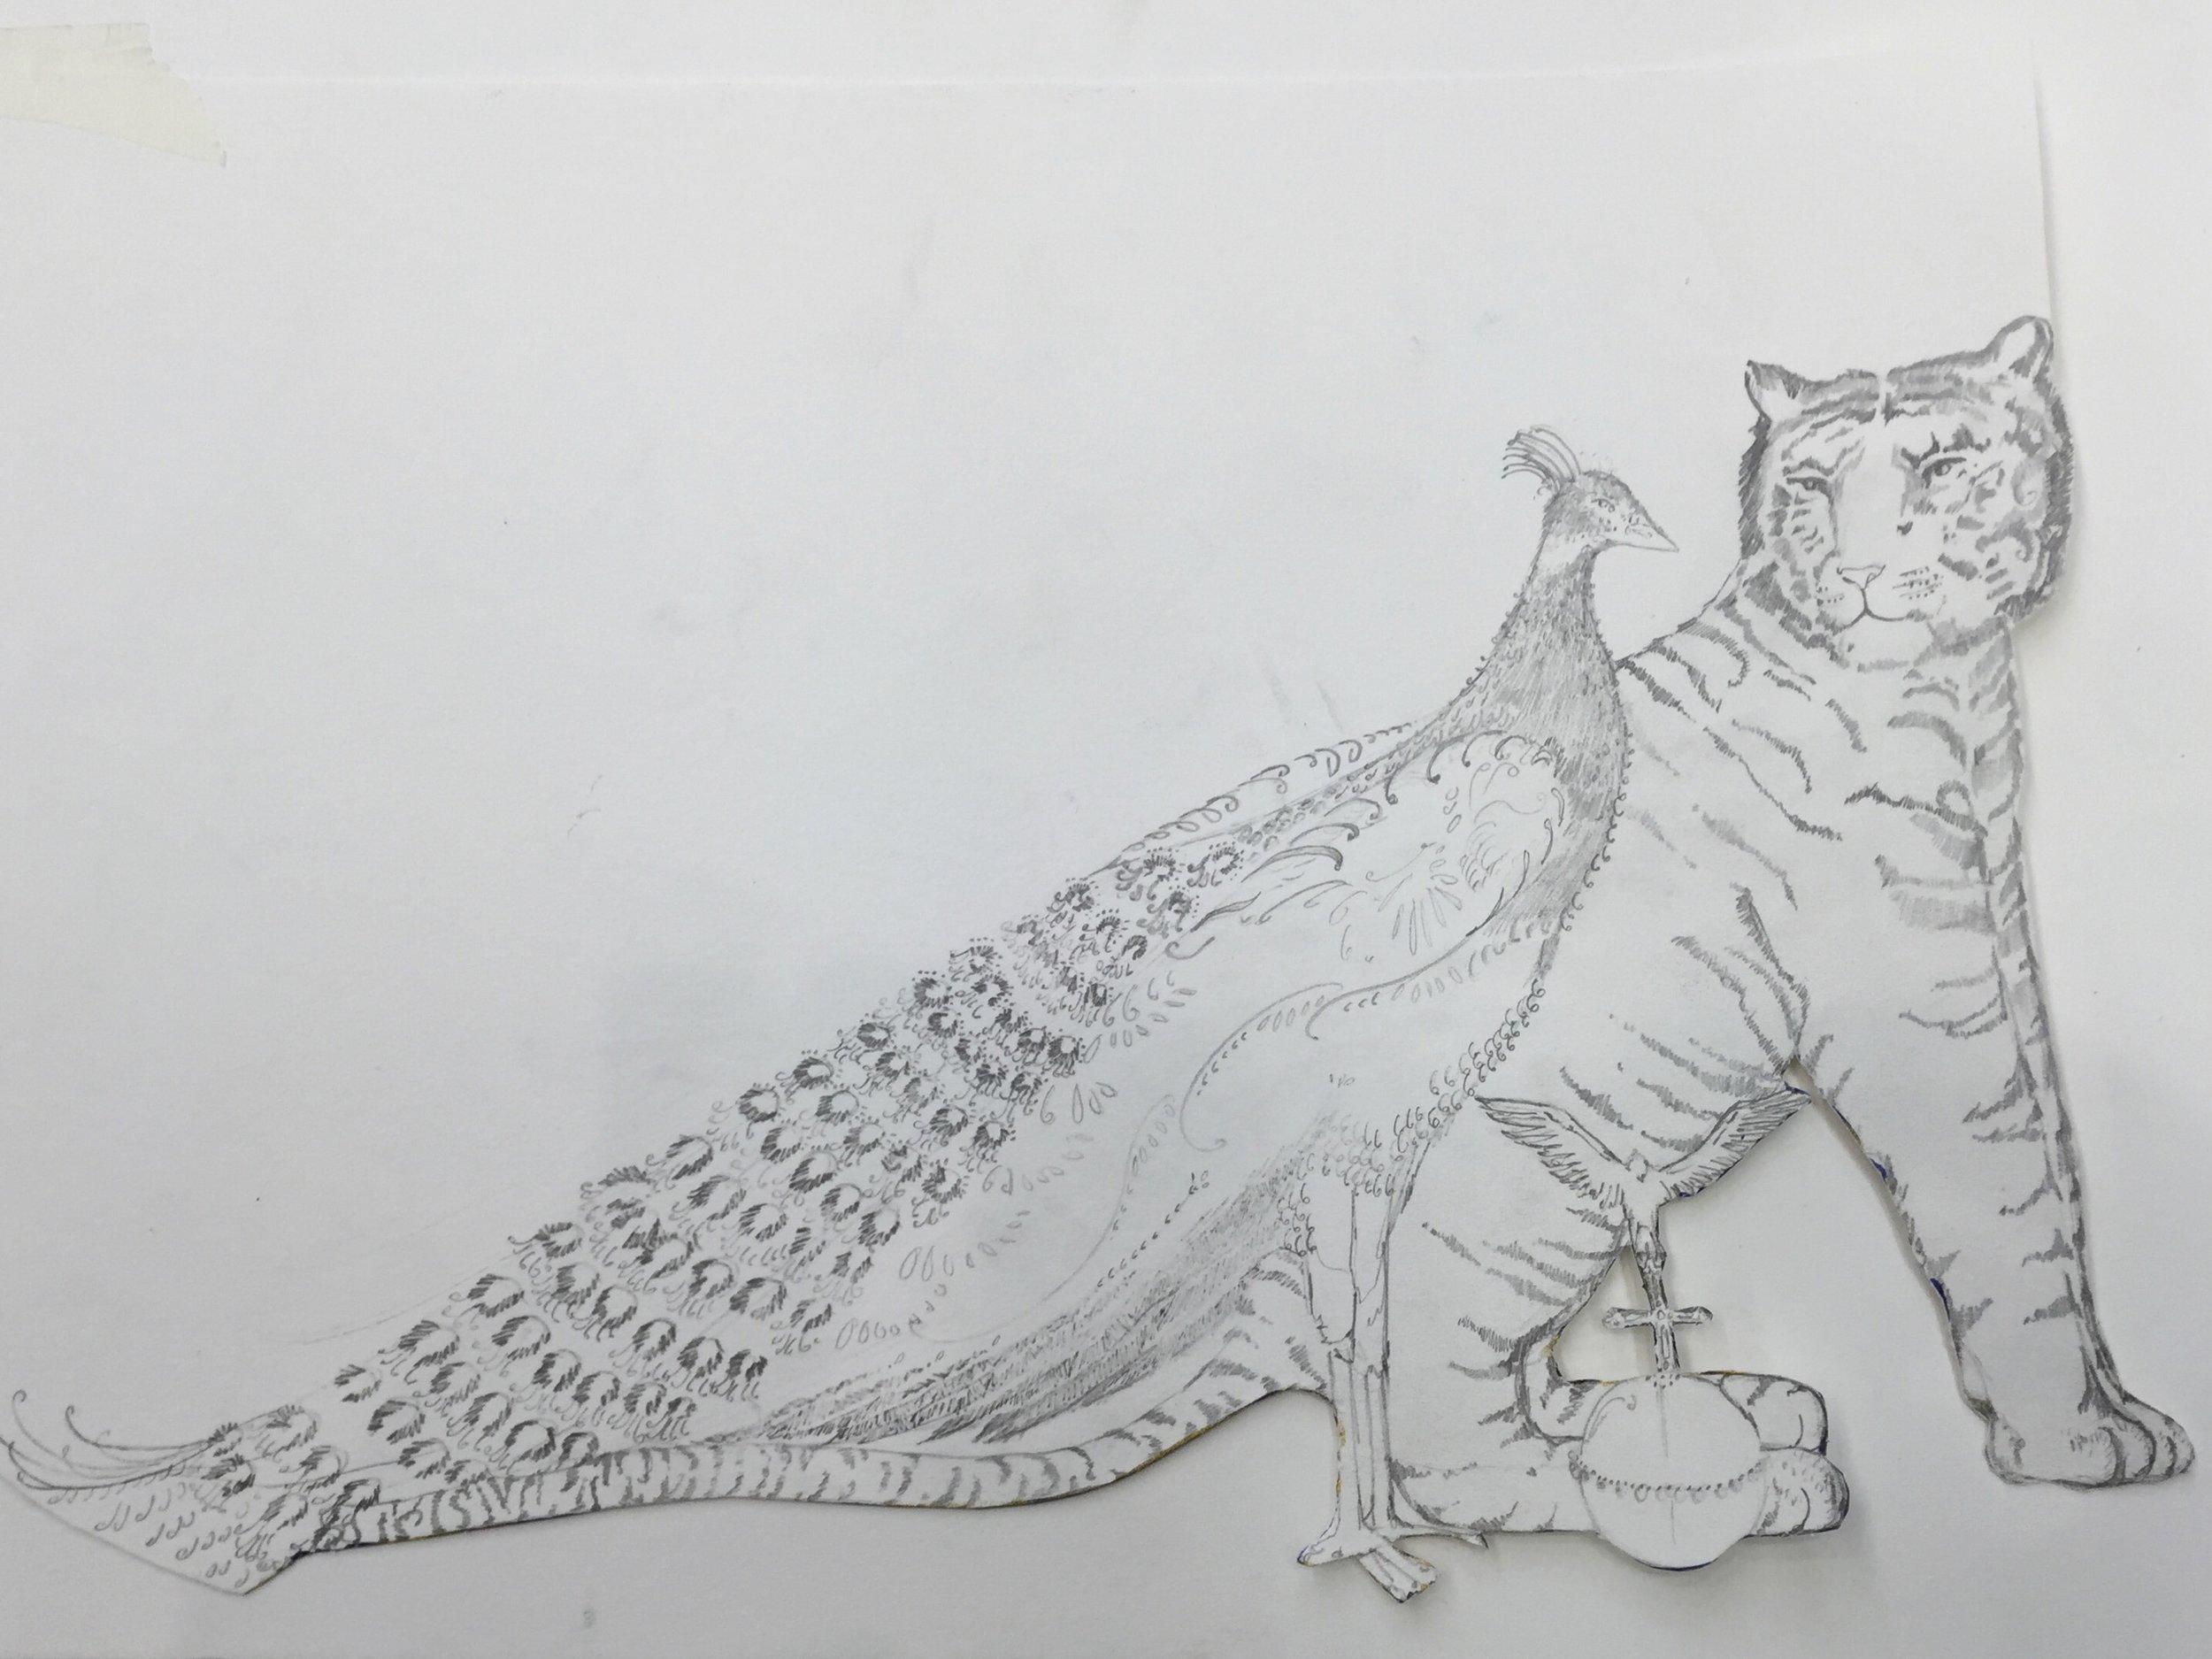 Juno & Jupiter sketch